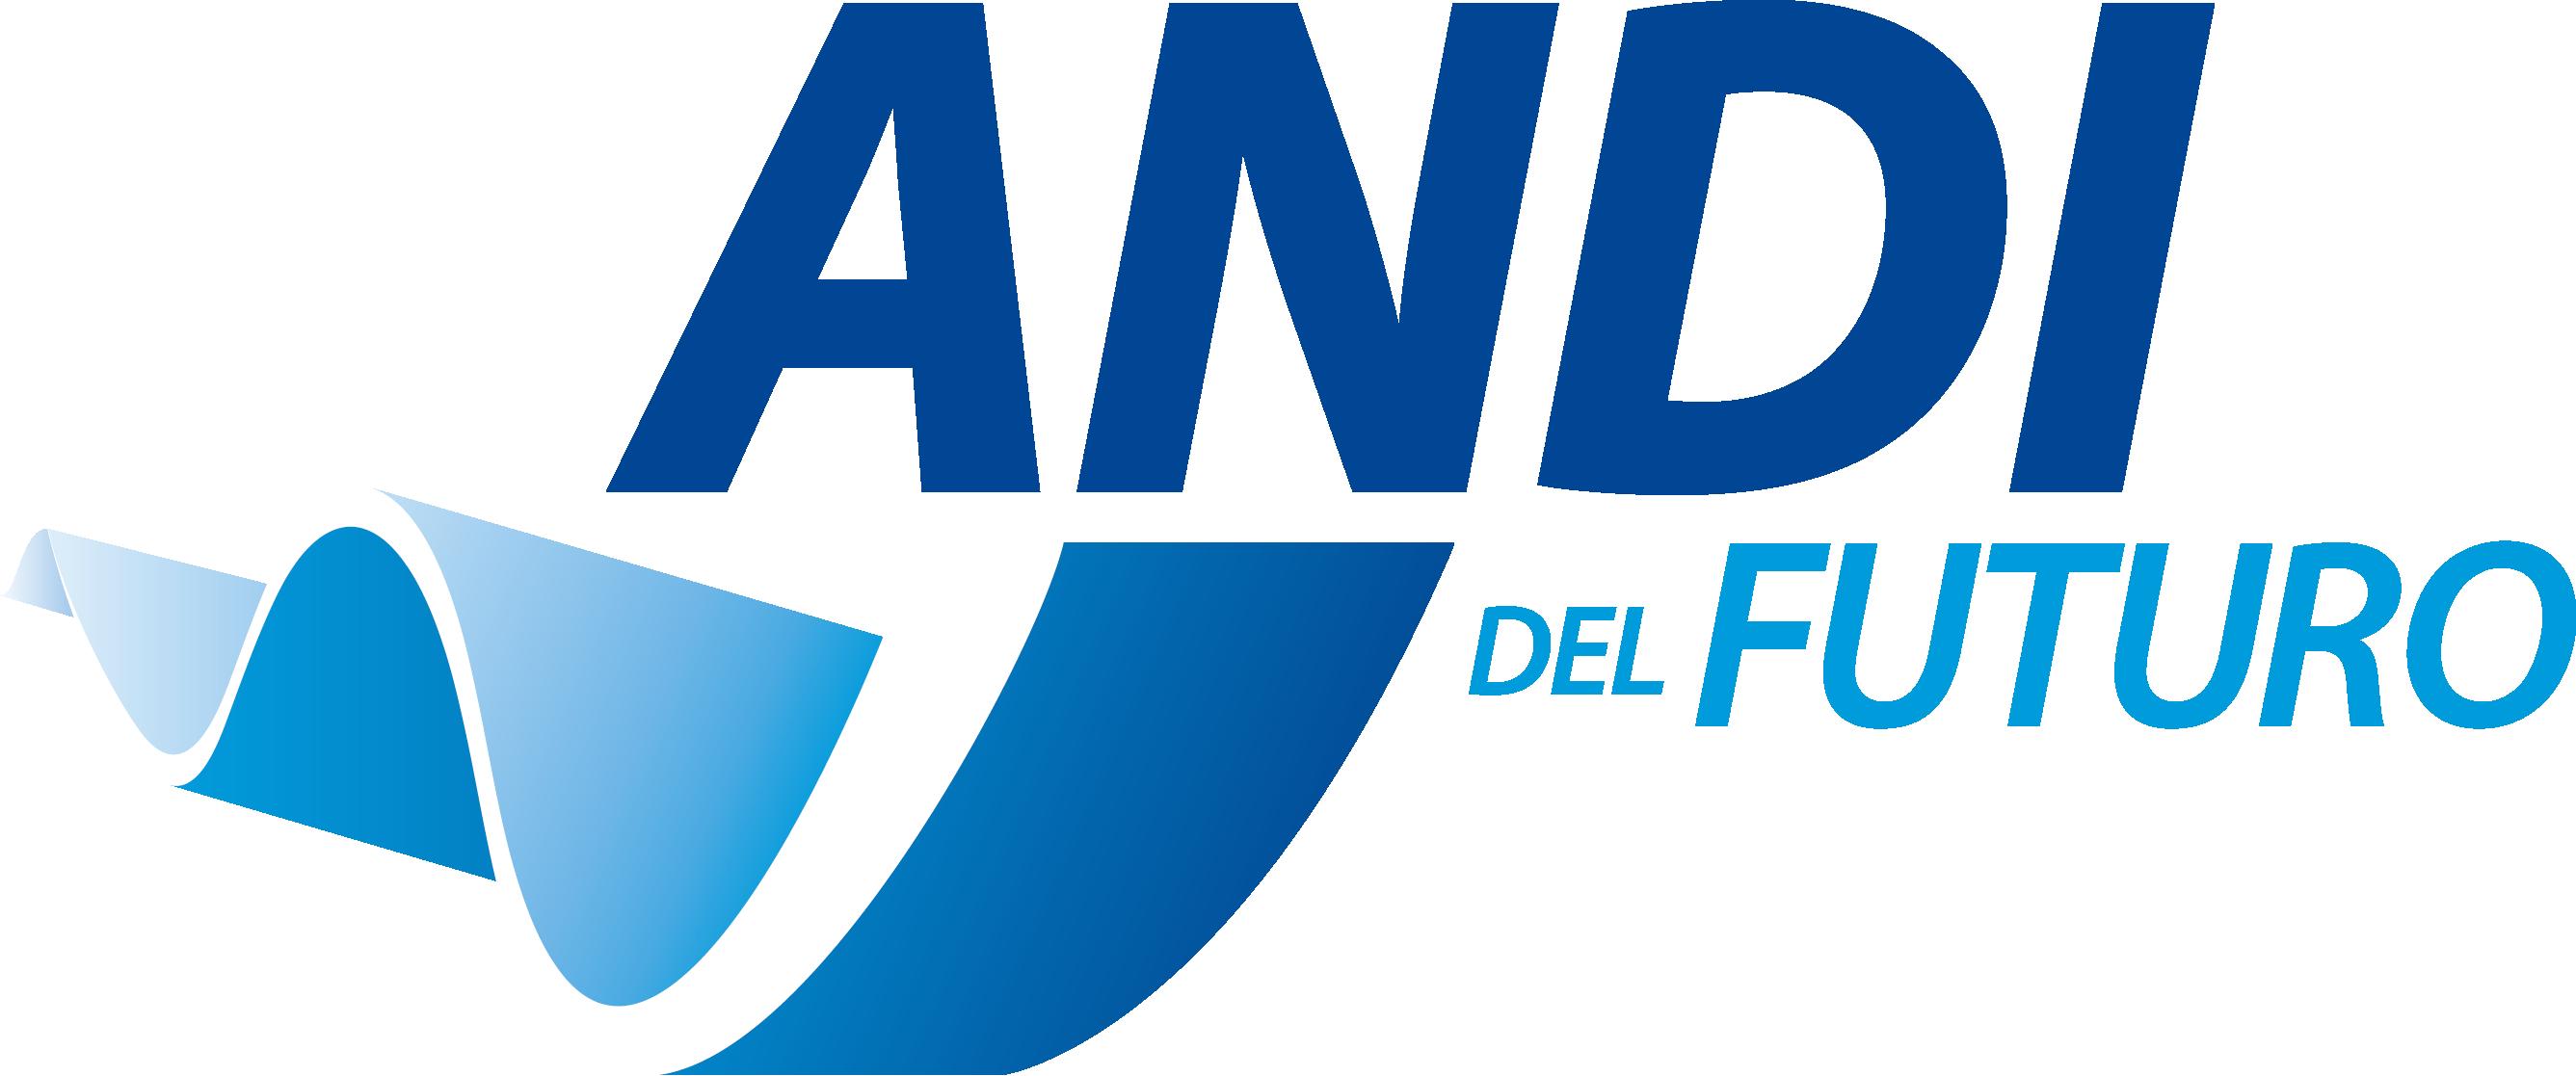 Logoadfvector15203521201520352120